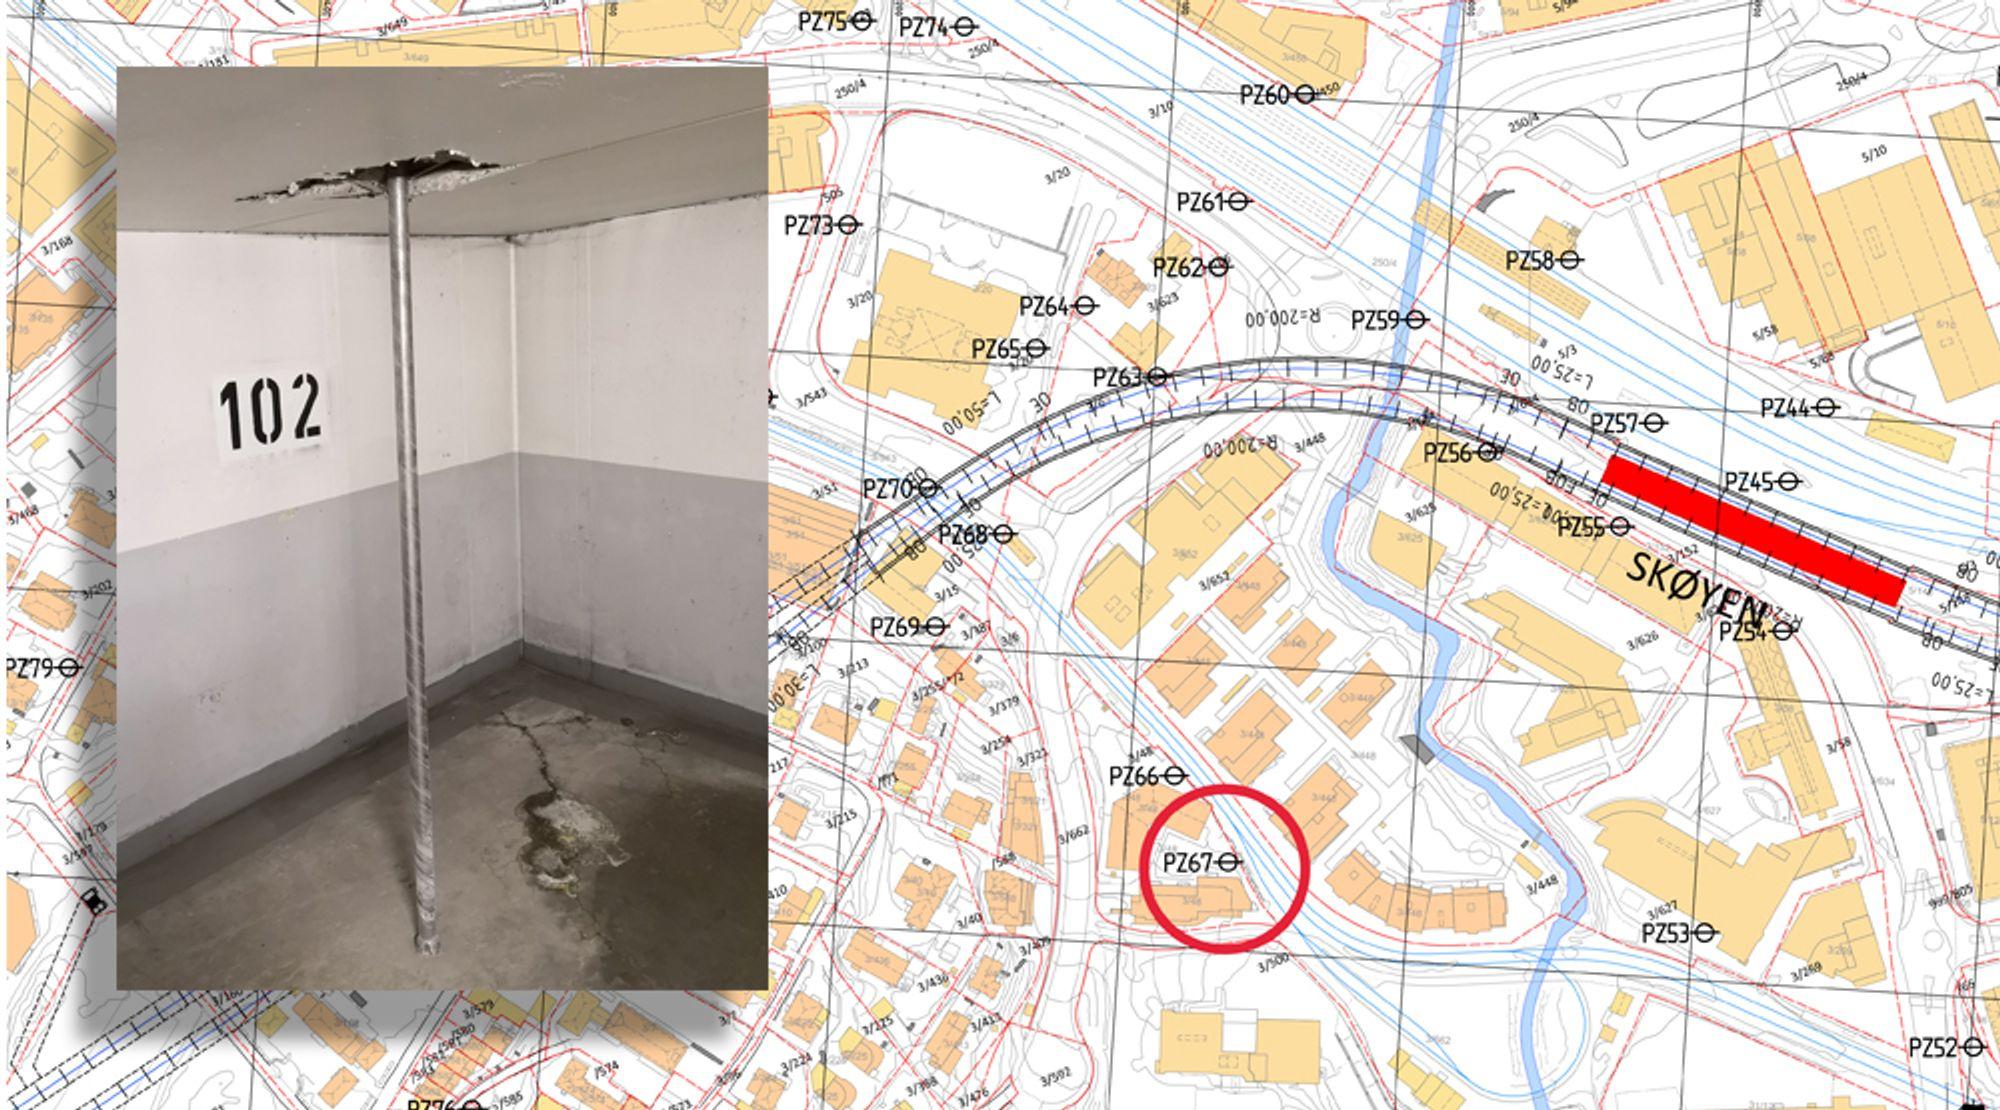 Boreplanen viser hvor Fornebubanen borer i forbindelse med forundersøkelser for banen. Boreentreprenøren Romerrike Grunnboring boret ned i et garasjeanlegg på Skøyen.